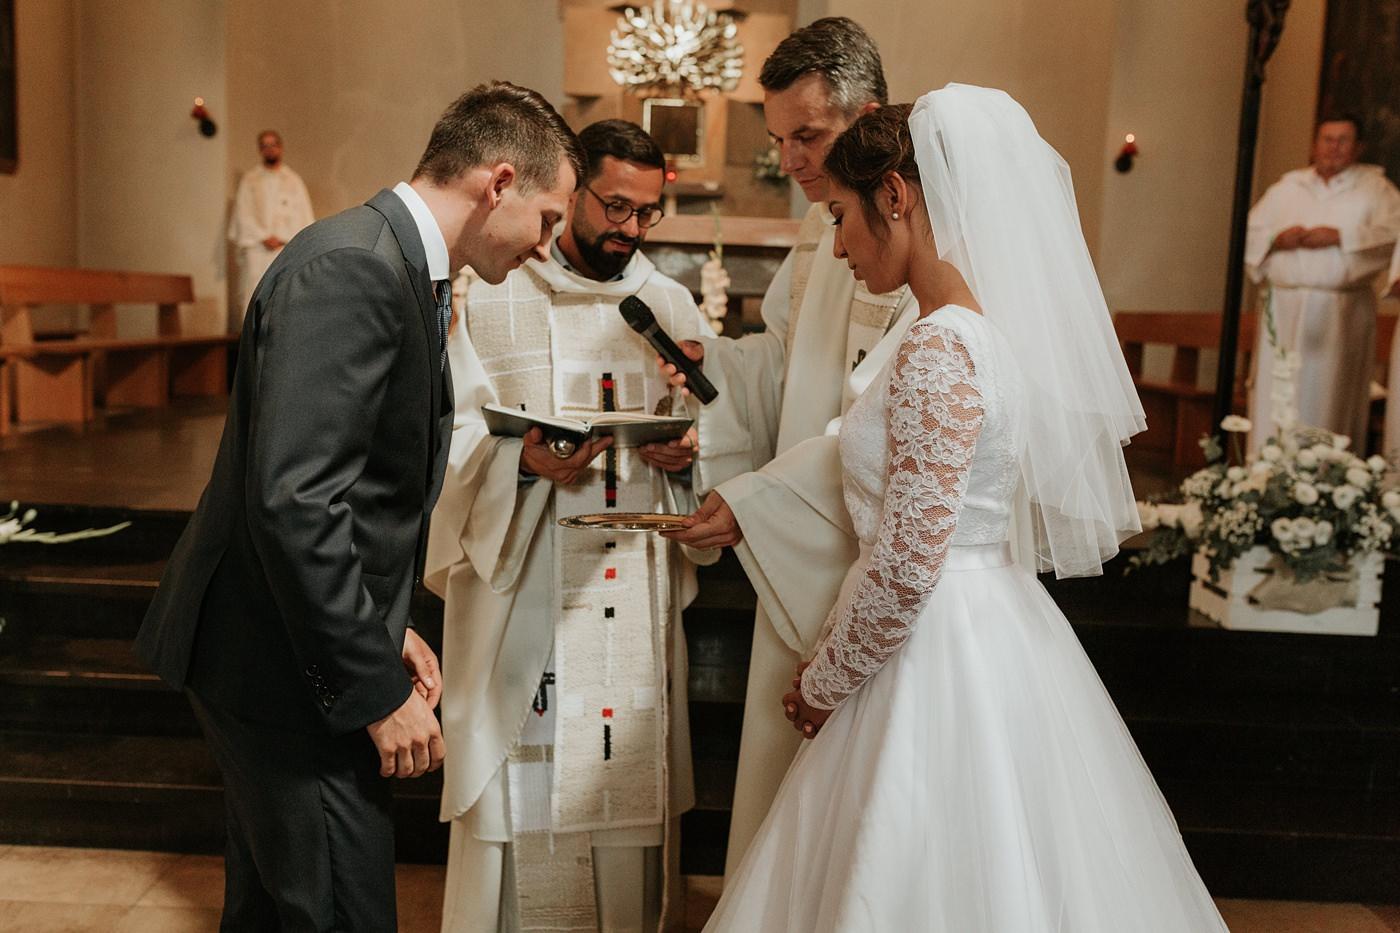 Dominika & Aleksander - Rustykalne wesele w stodole - Baborówko 58